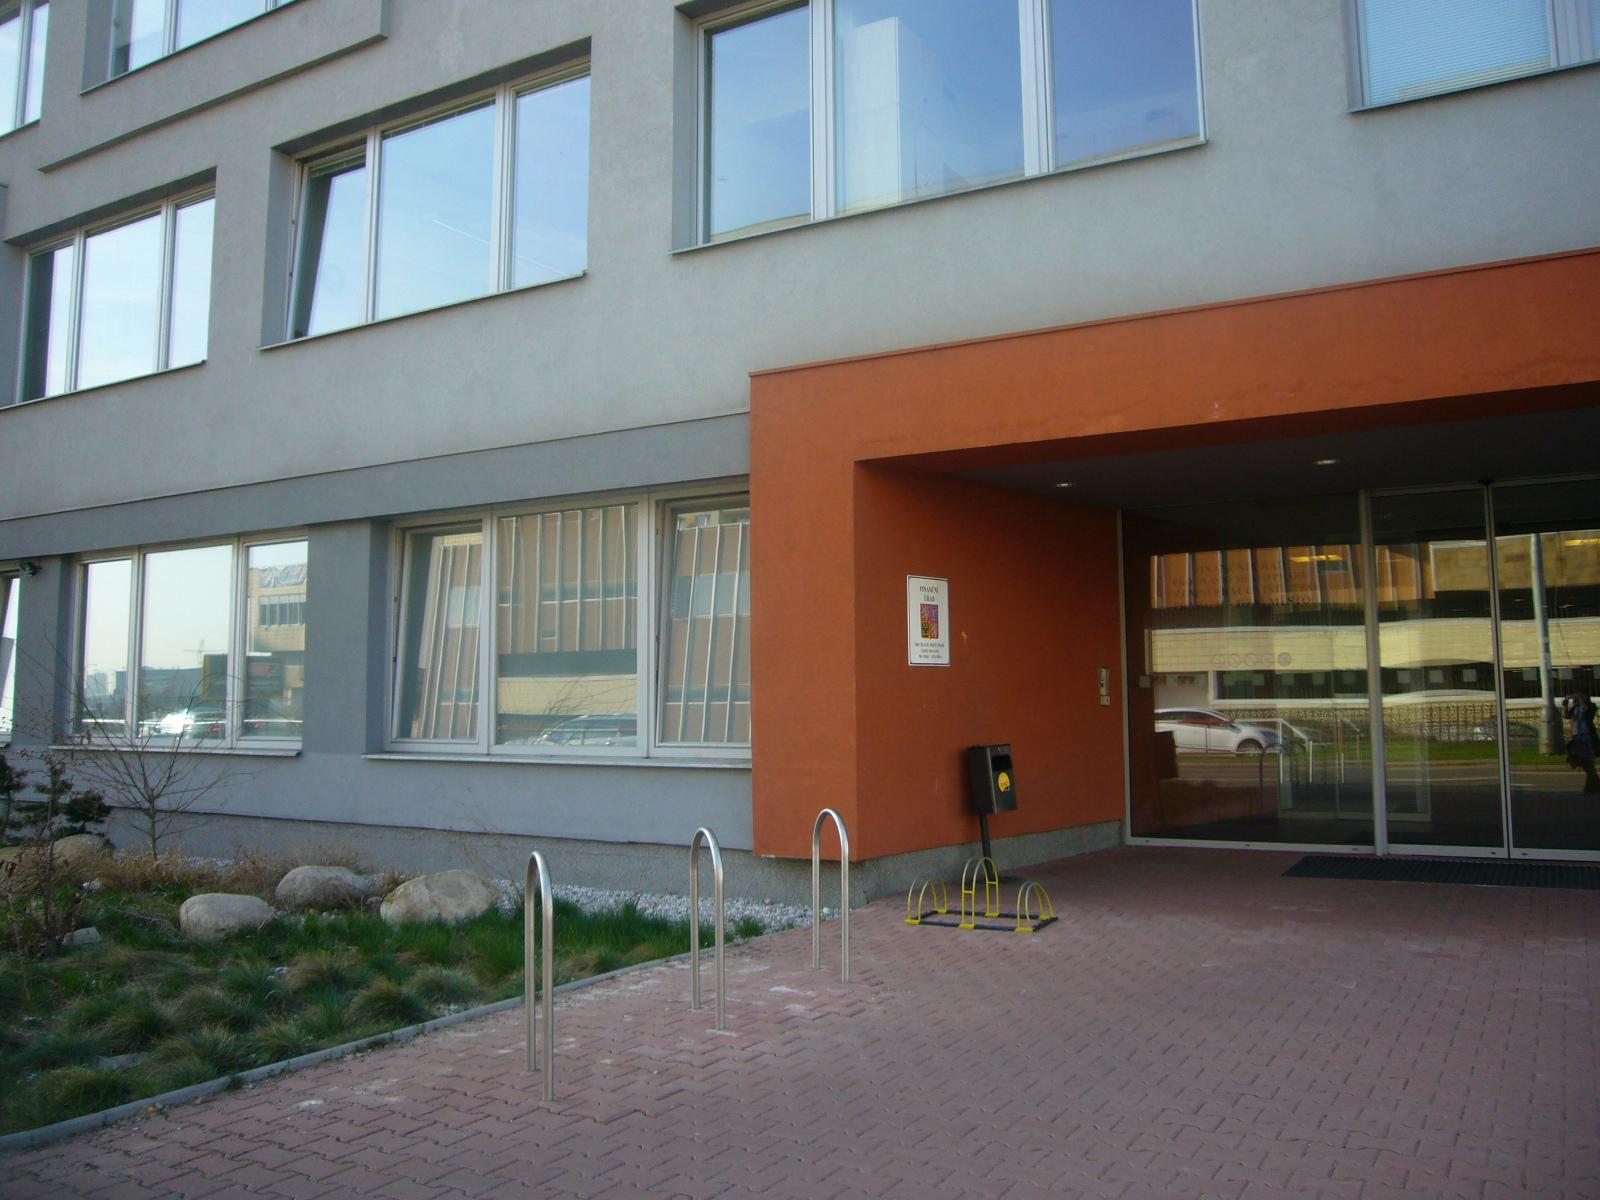 I 10 Finanční úřad P11, obrázek se otevře v novém okně